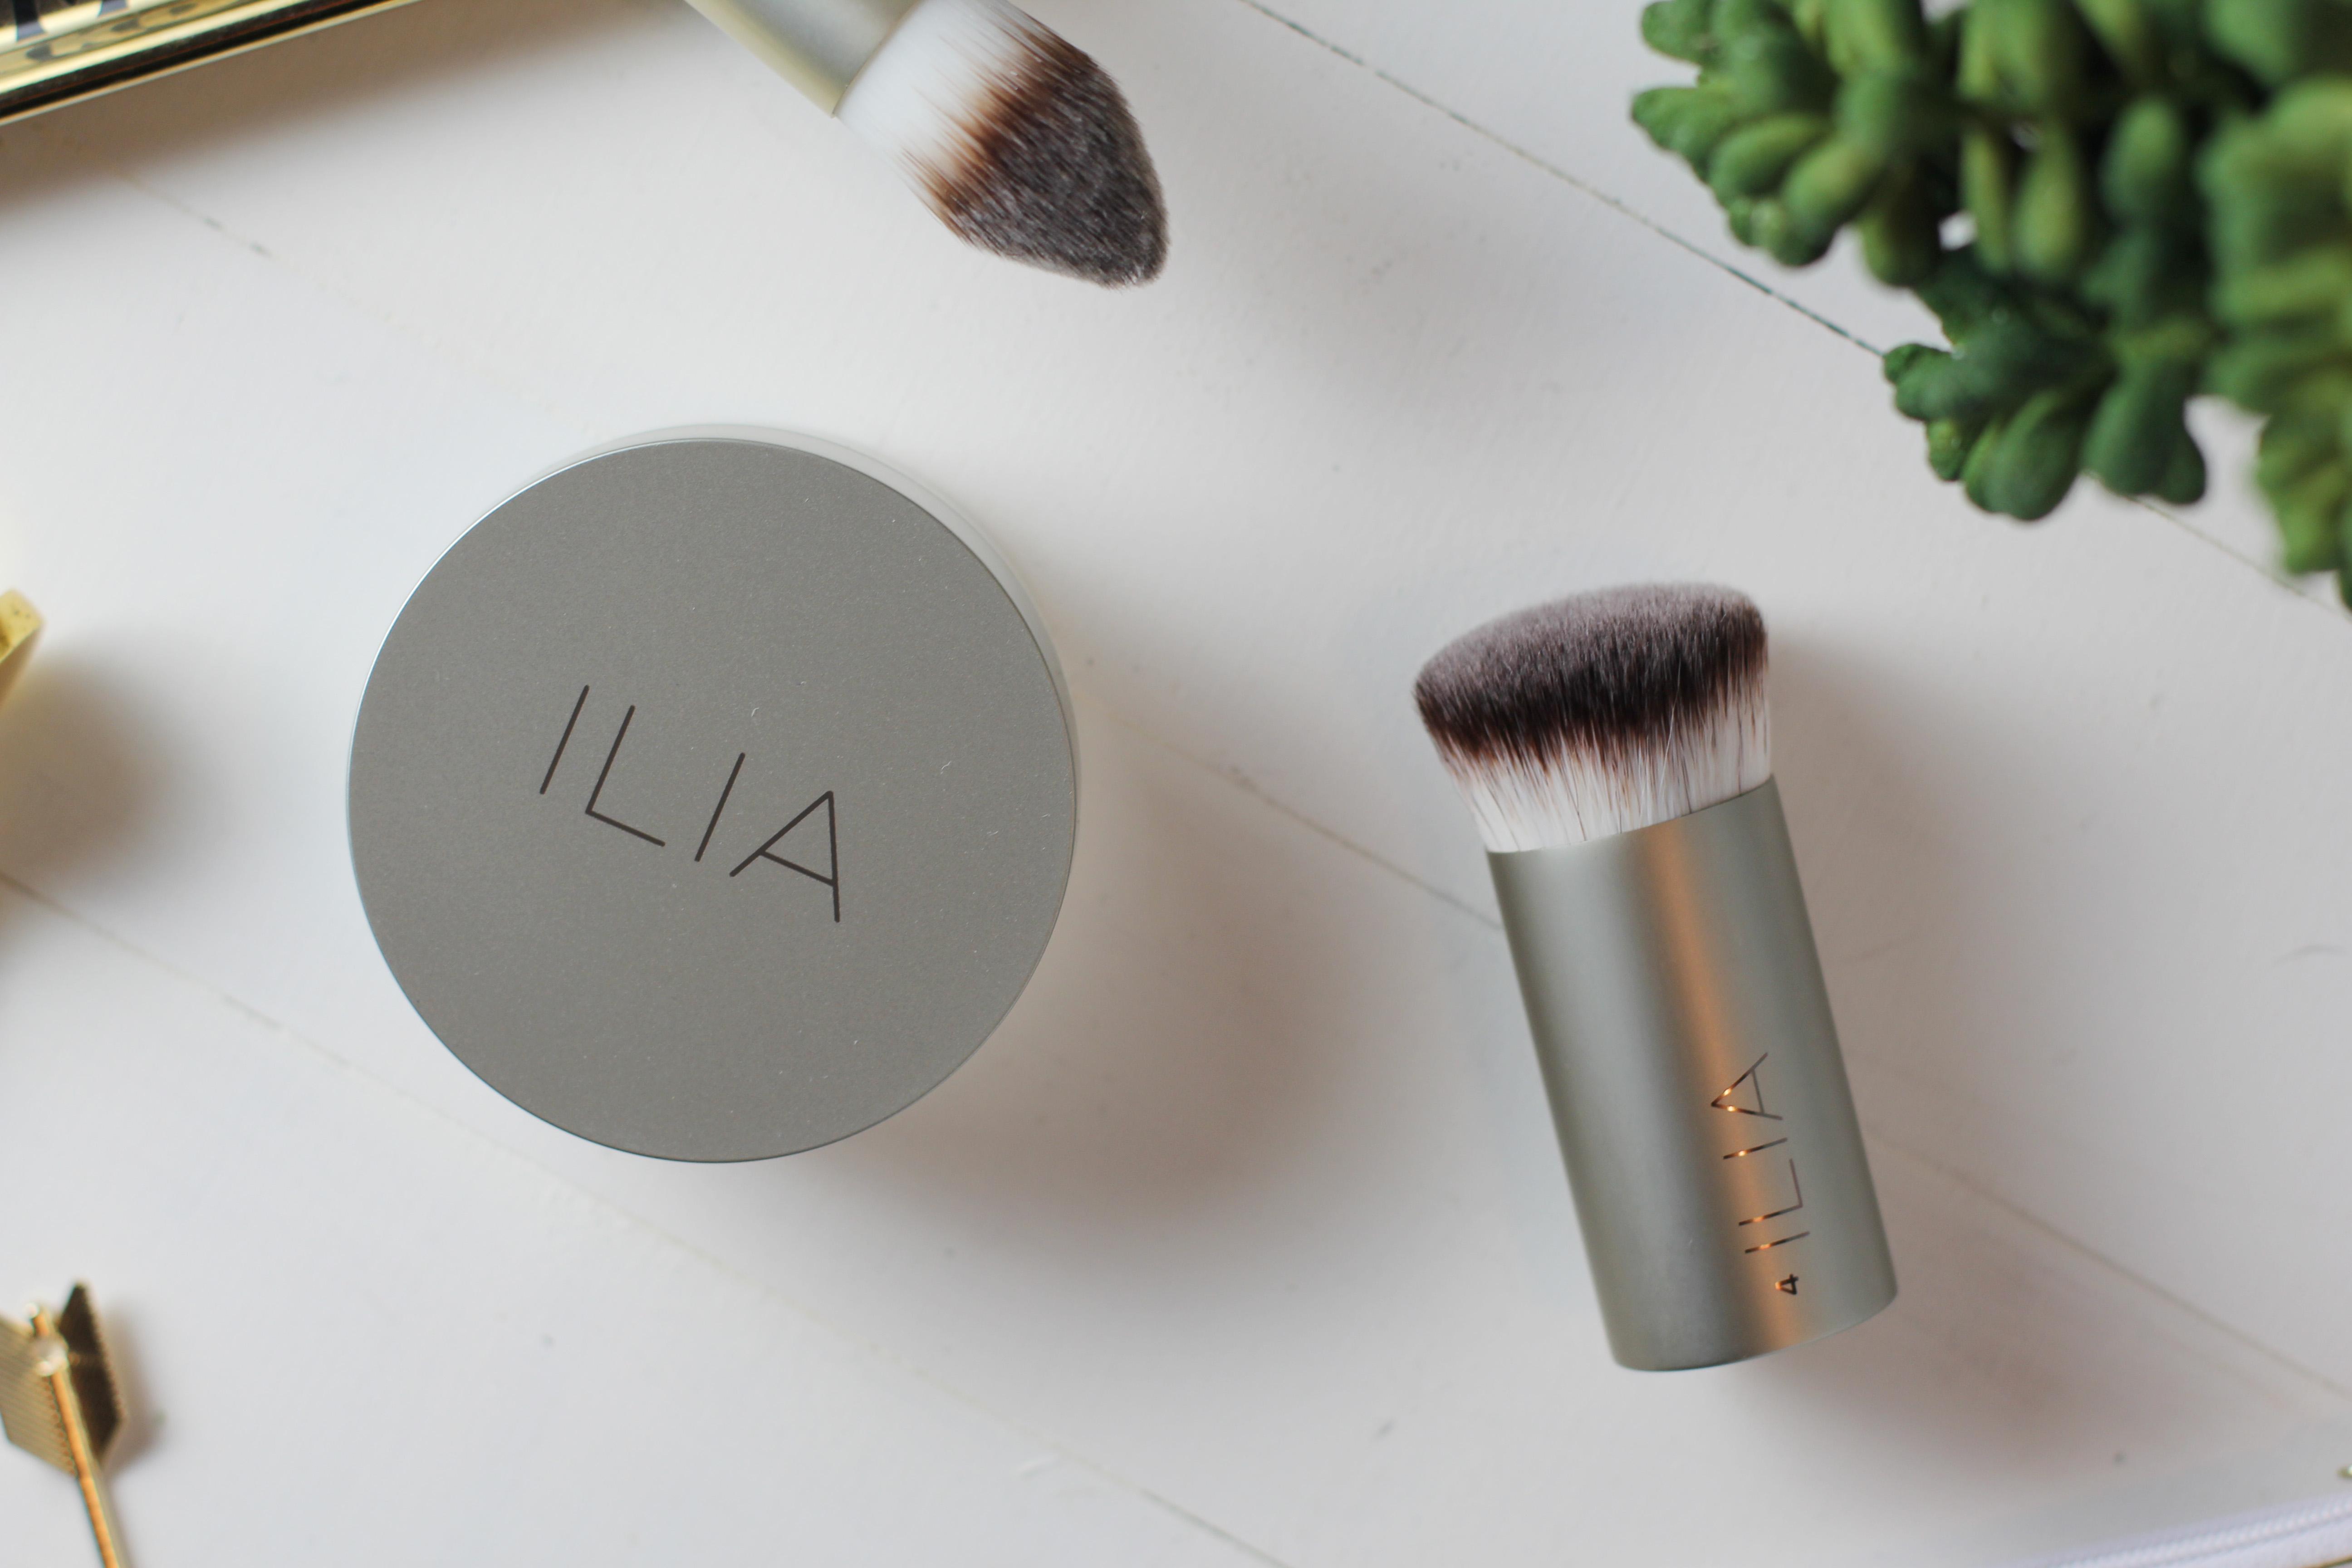 ilia-foundation-brush-perfecting-buff-brush